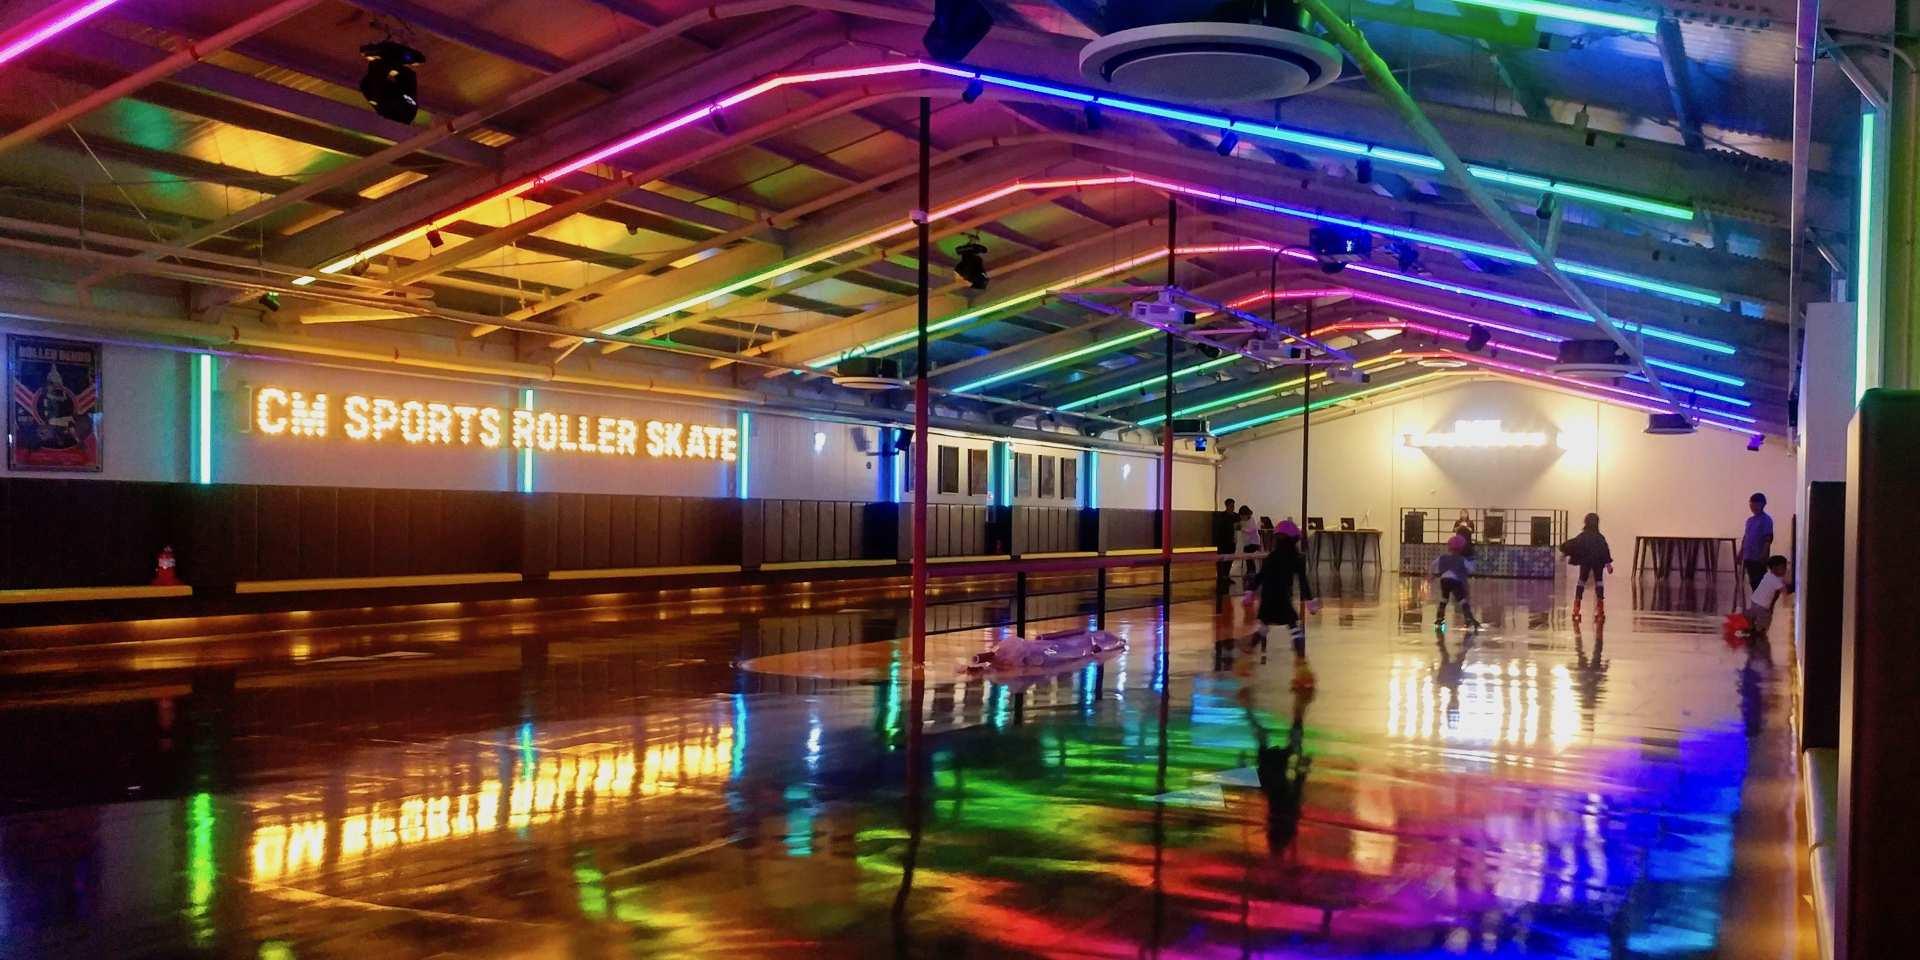 【慶州人氣休閒體驗】慶州CM sport town滑輪溜冰場